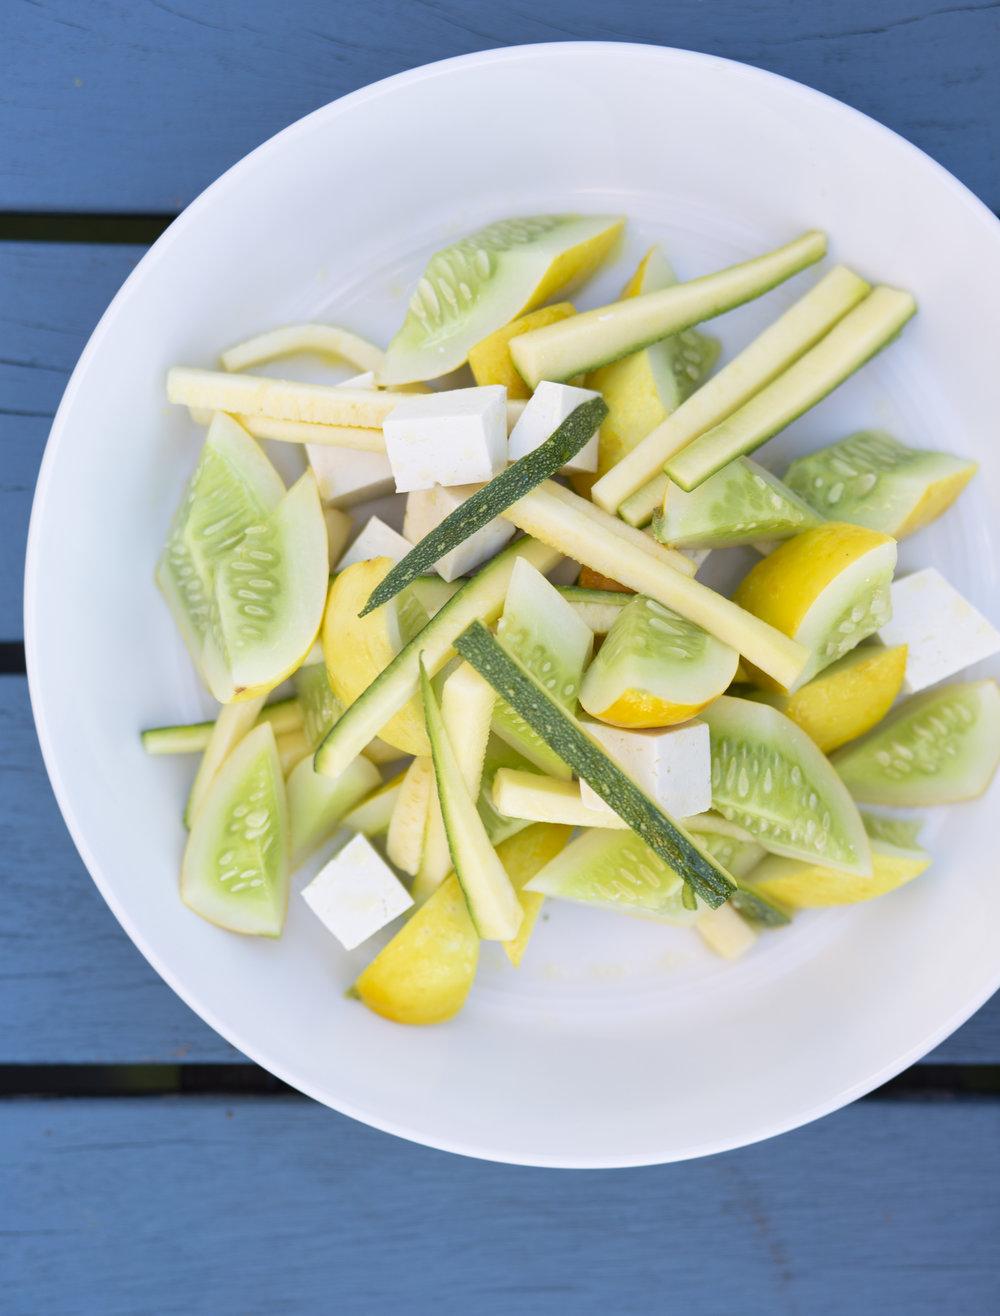 Yellow Cucumber and Zucchini Salad.jpg